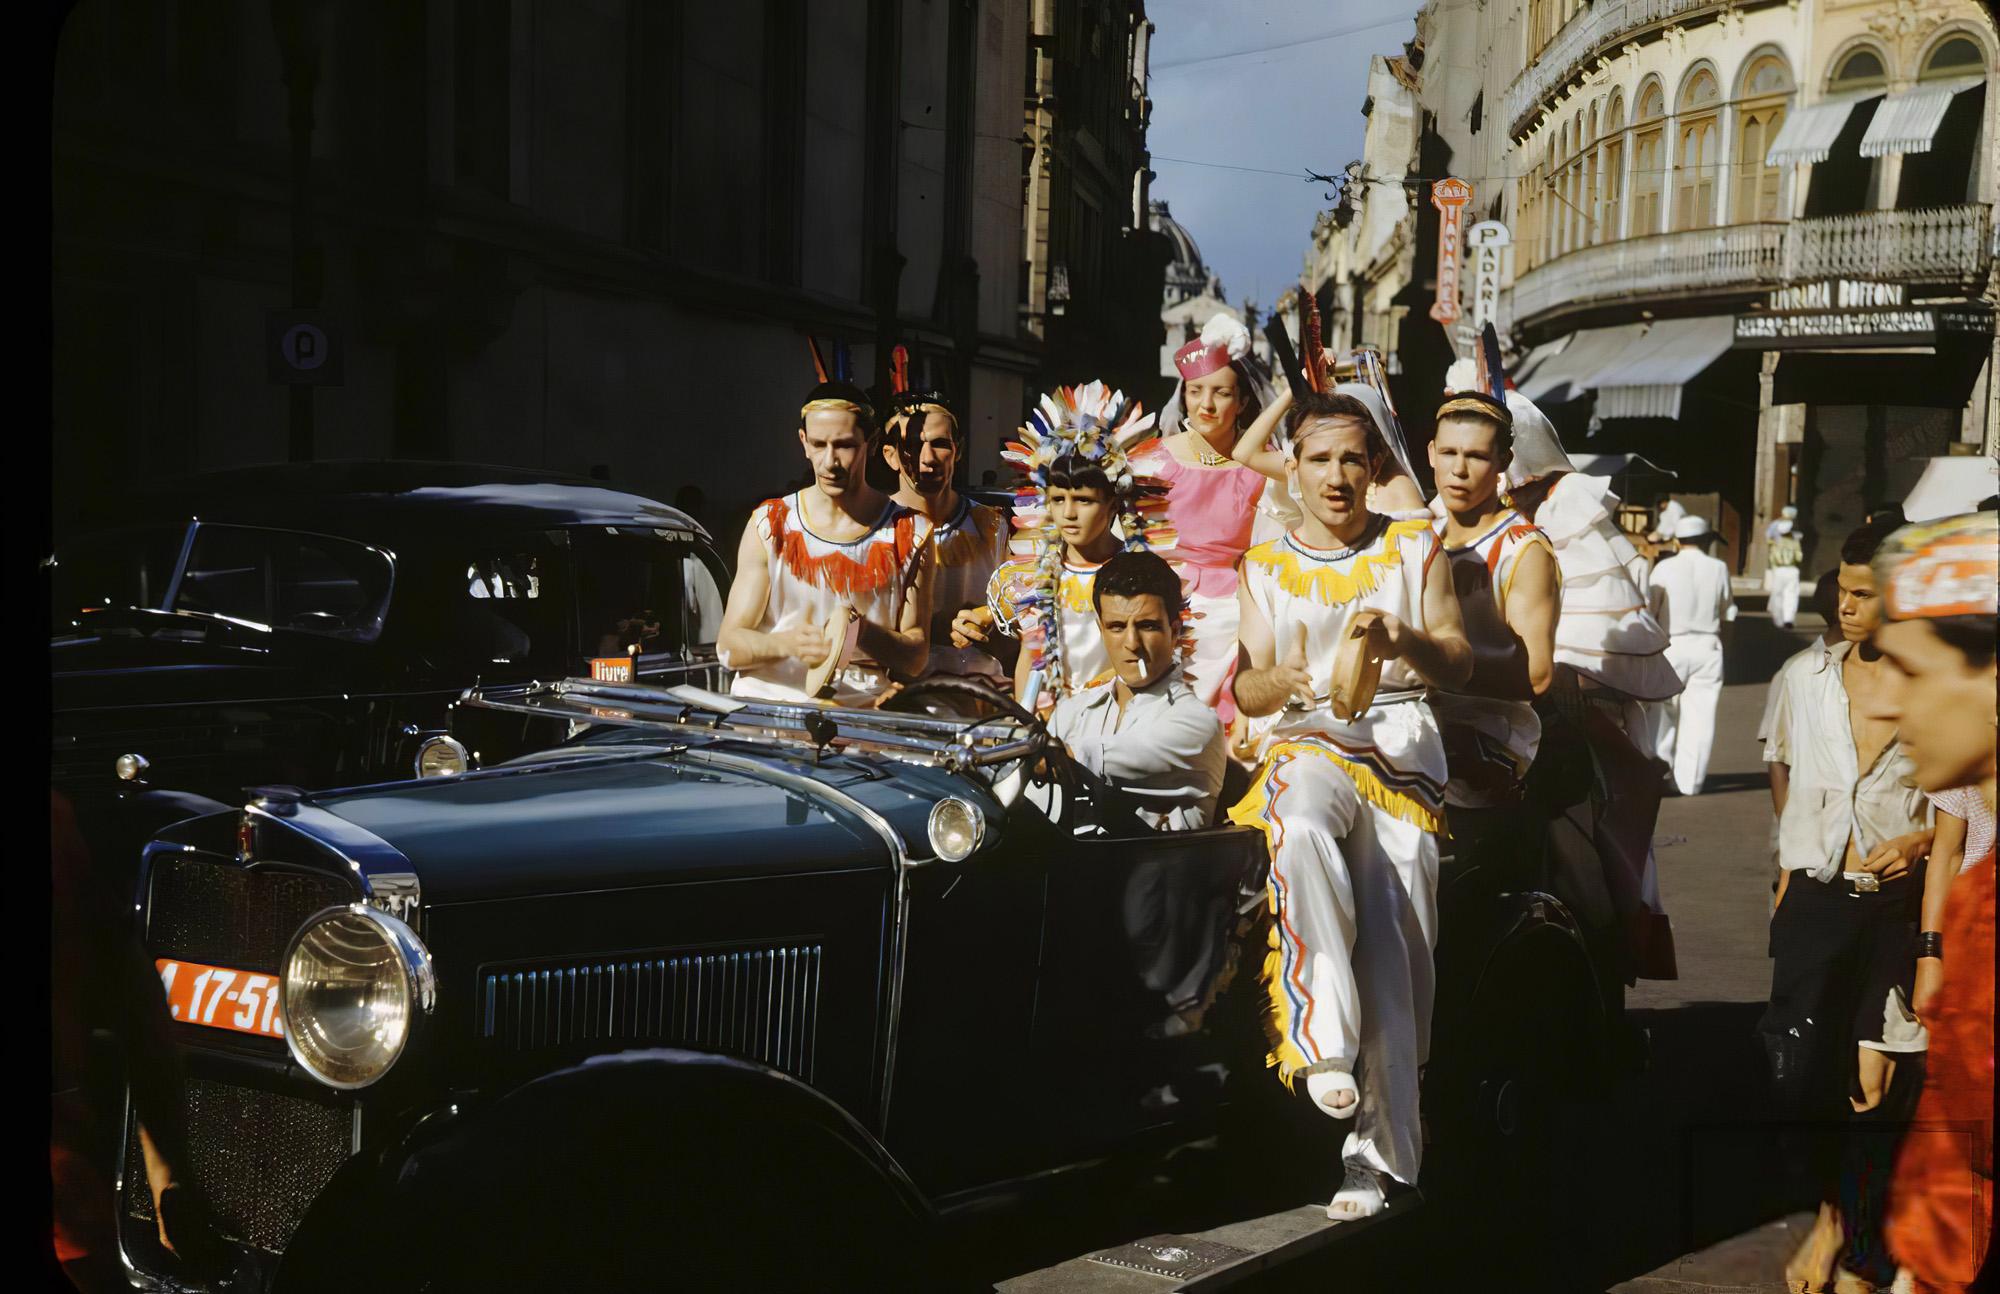 1943 Carnival In Rio De Janeiro. Hart Preston2